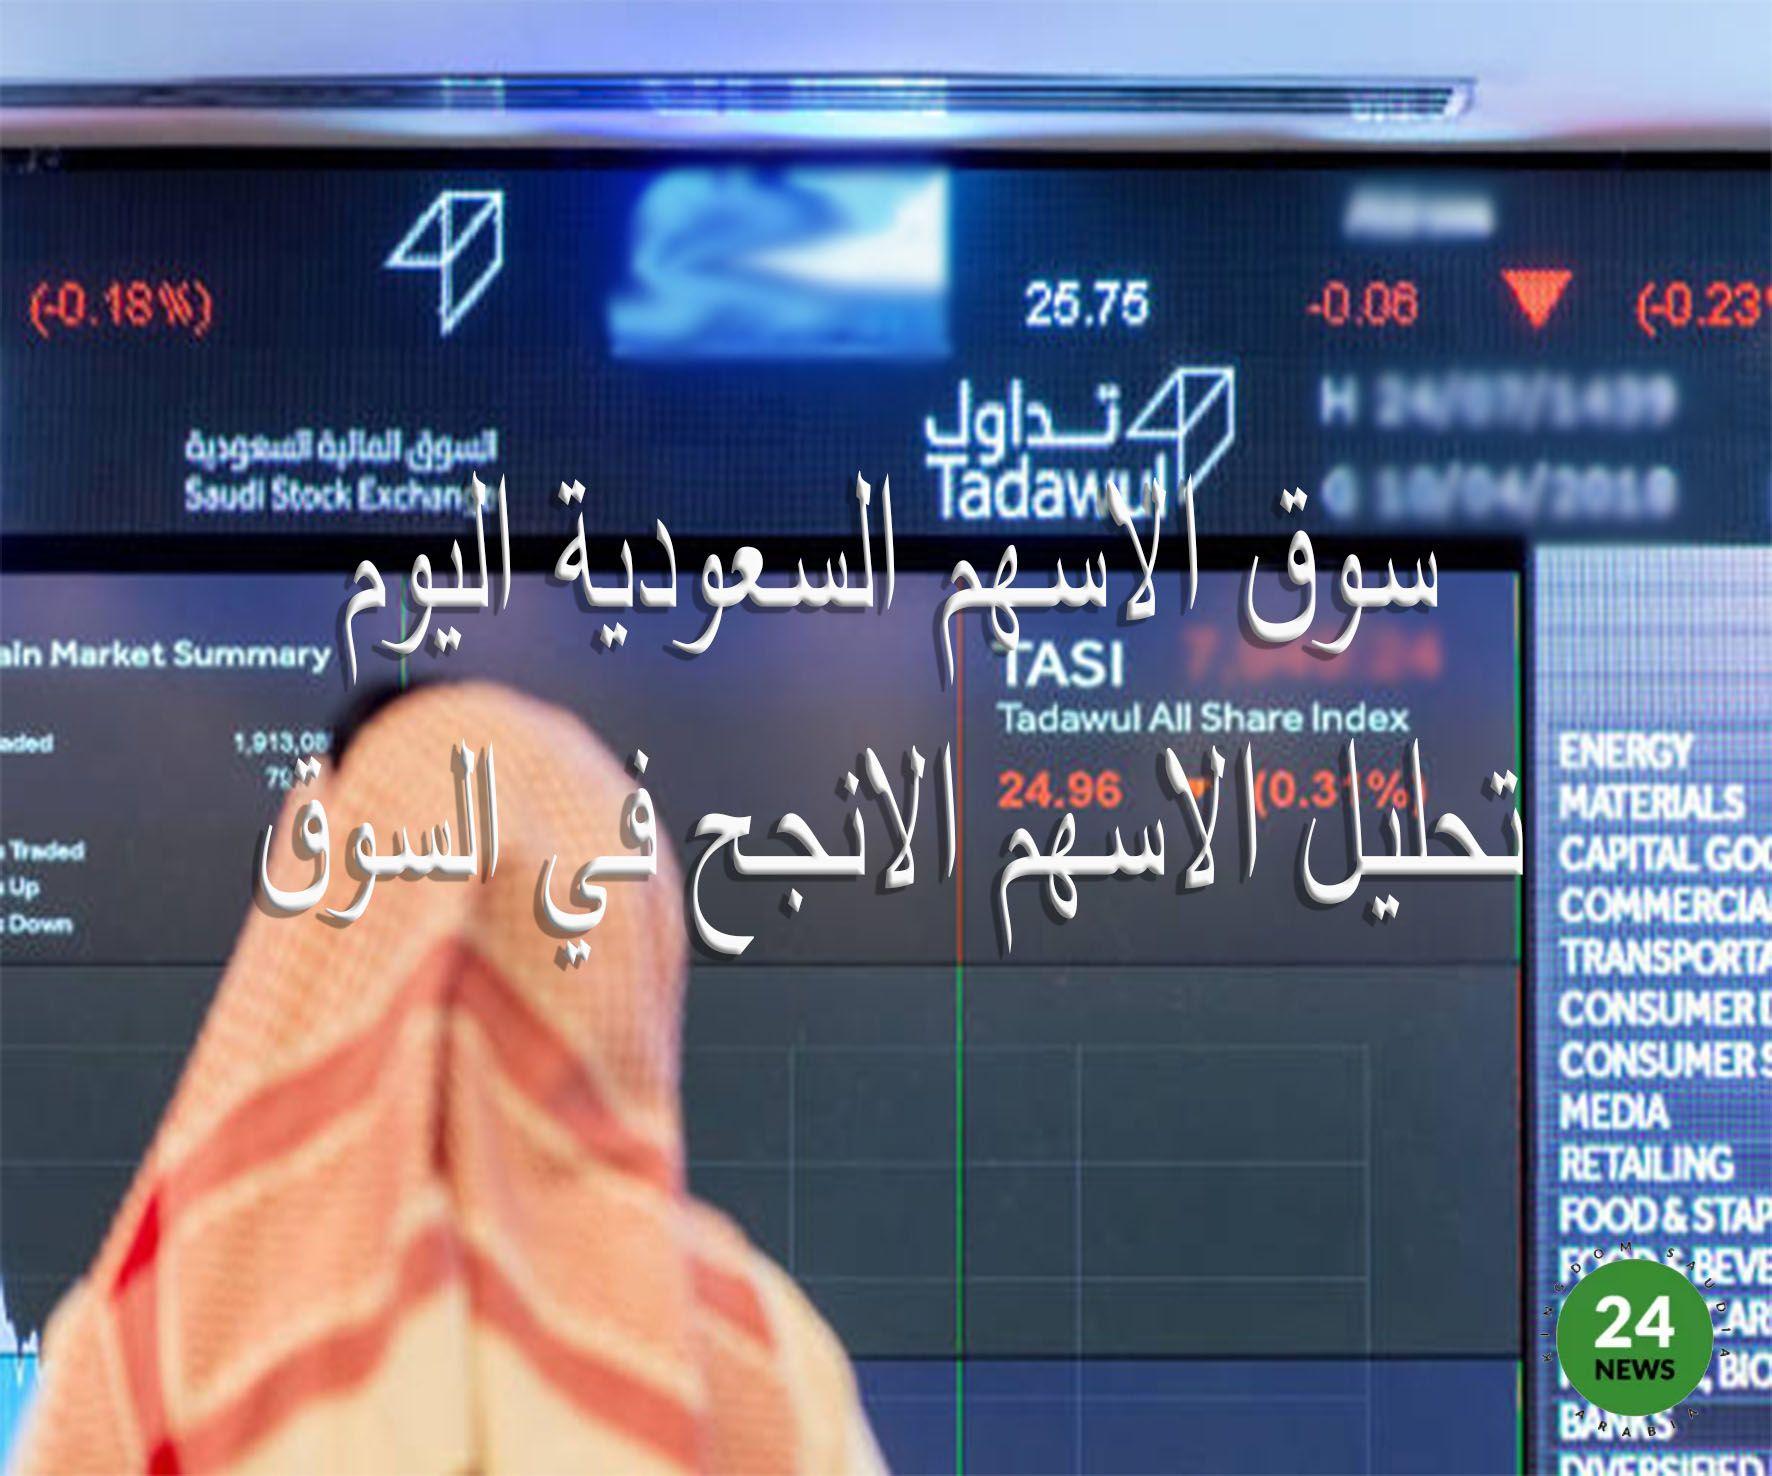 سوق الاسهم السعودية اليوم تحليل الاسهم الانجح في السوق Marketing Energy Index